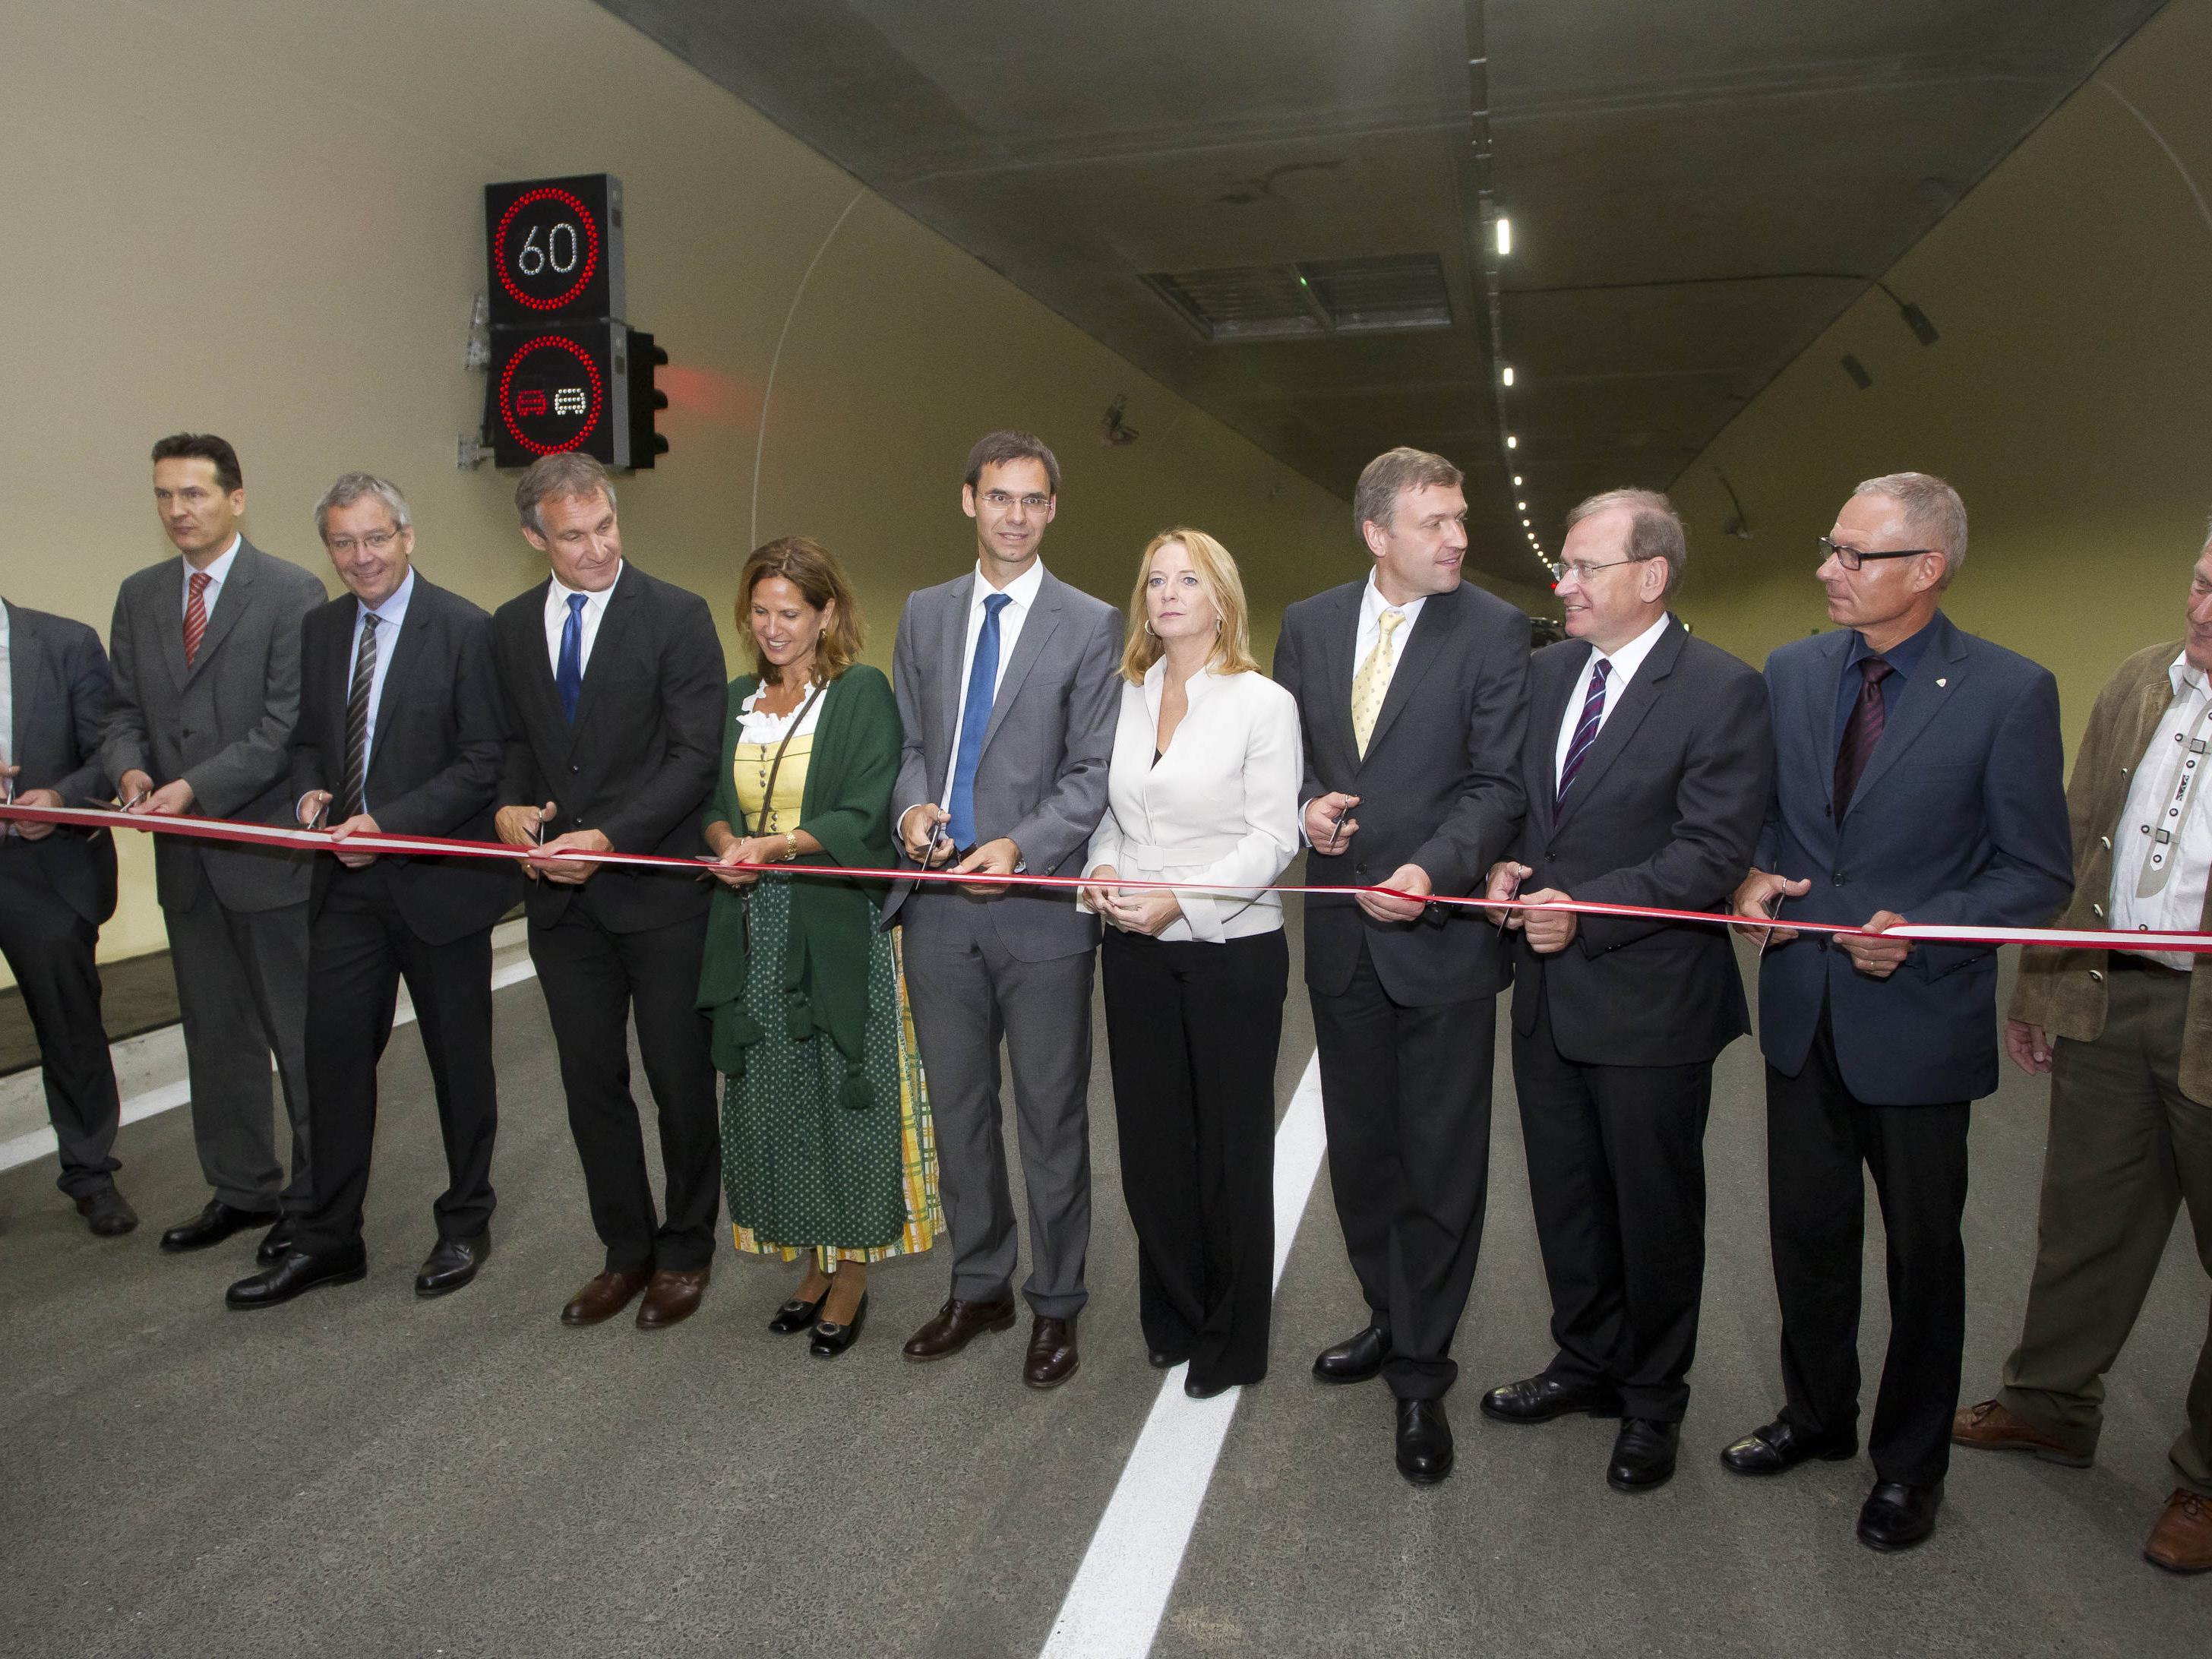 Die Pfändertunnel-Röhre wurde am Montag feierlich eröffnet.